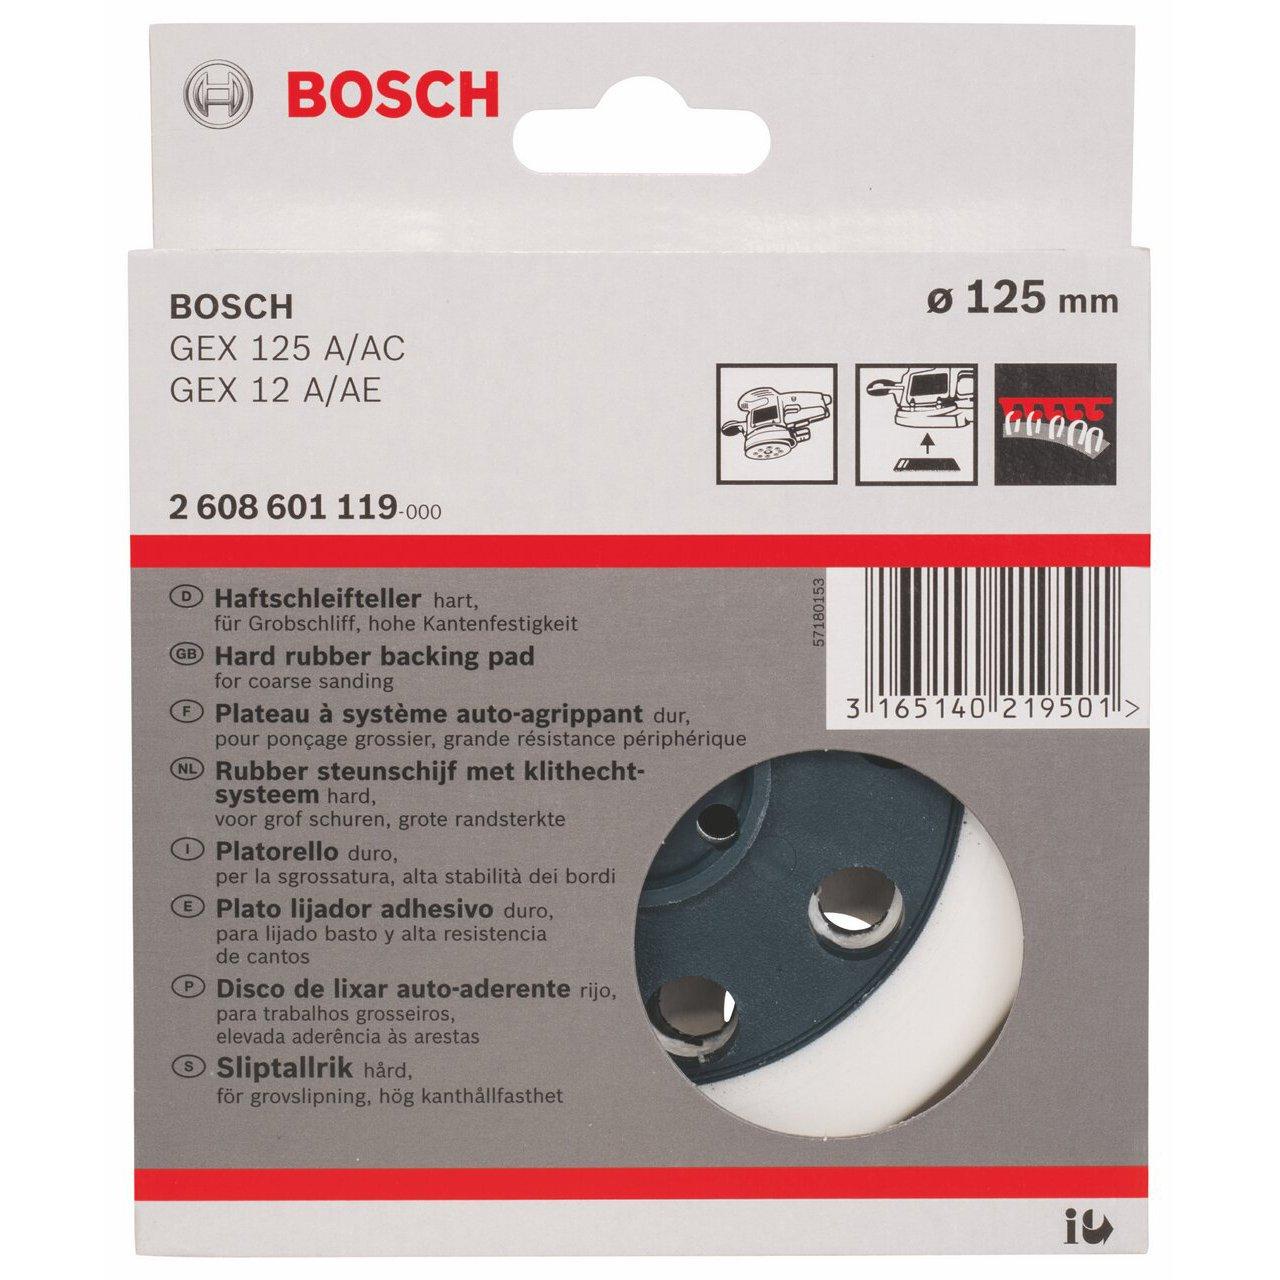 Plato de lija extraweich 125 mm pack de 1 Bosch 2 608 601 117